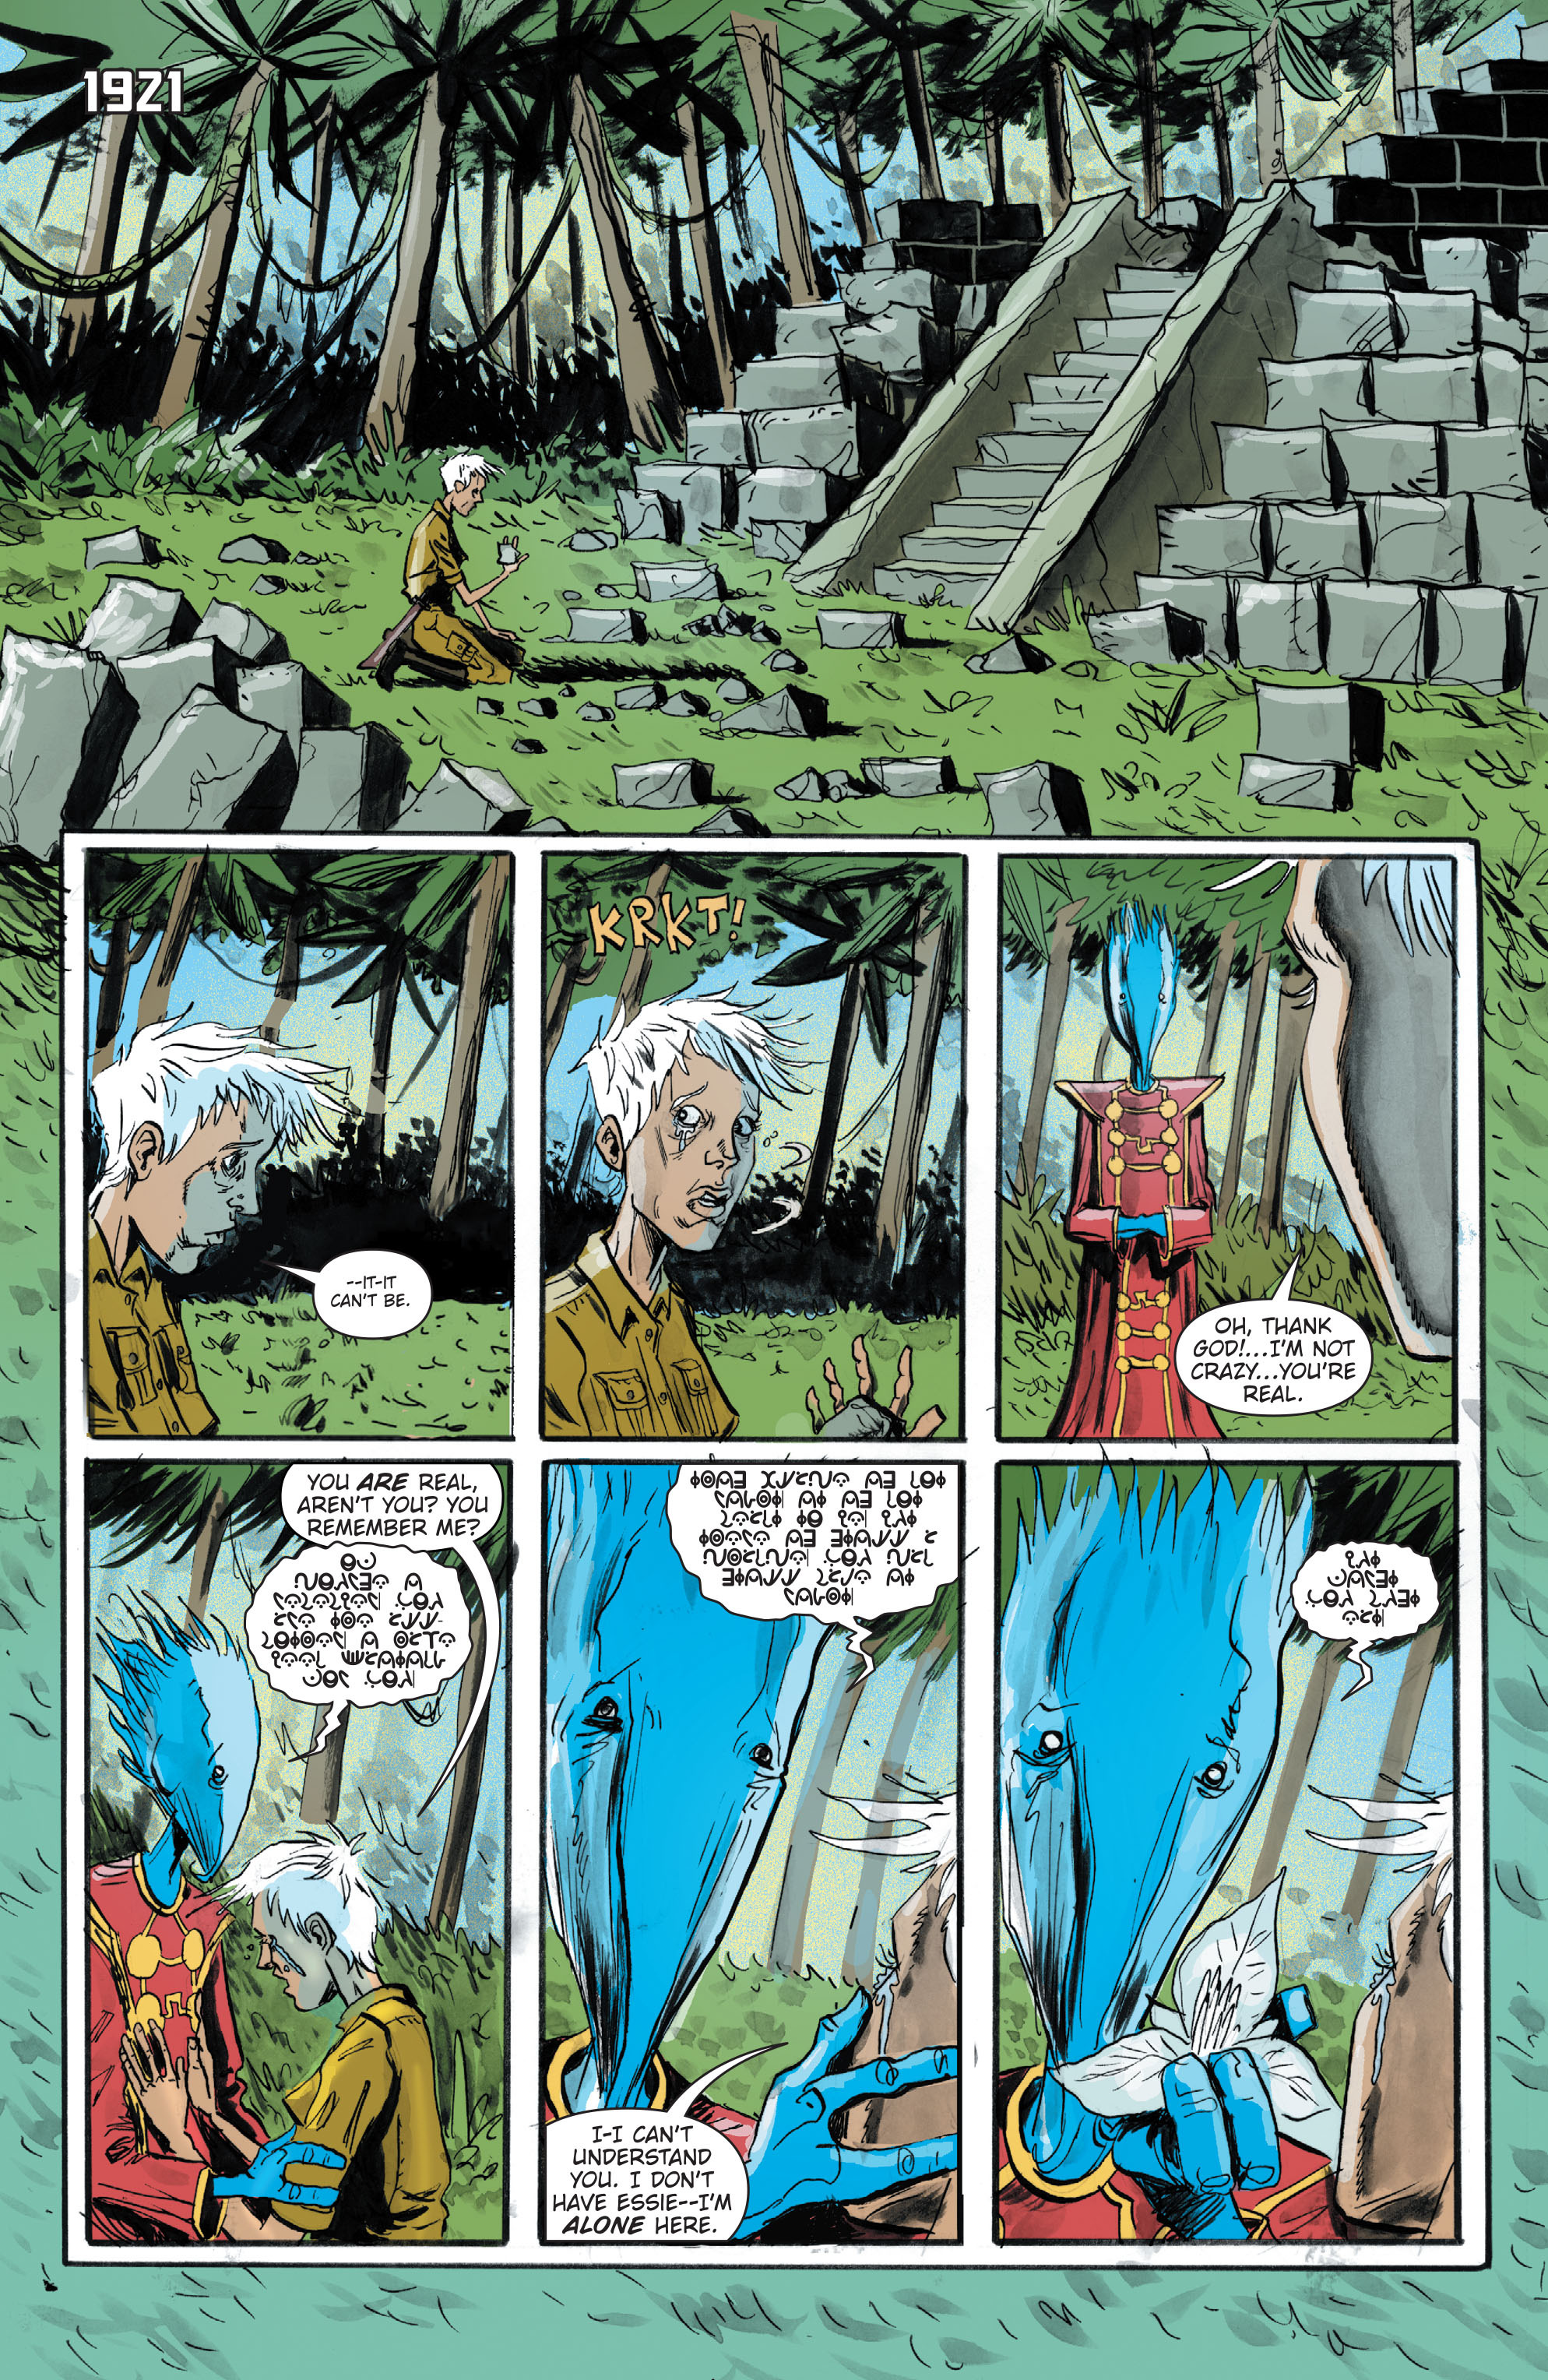 Read online Trillium comic -  Issue # TPB - 164